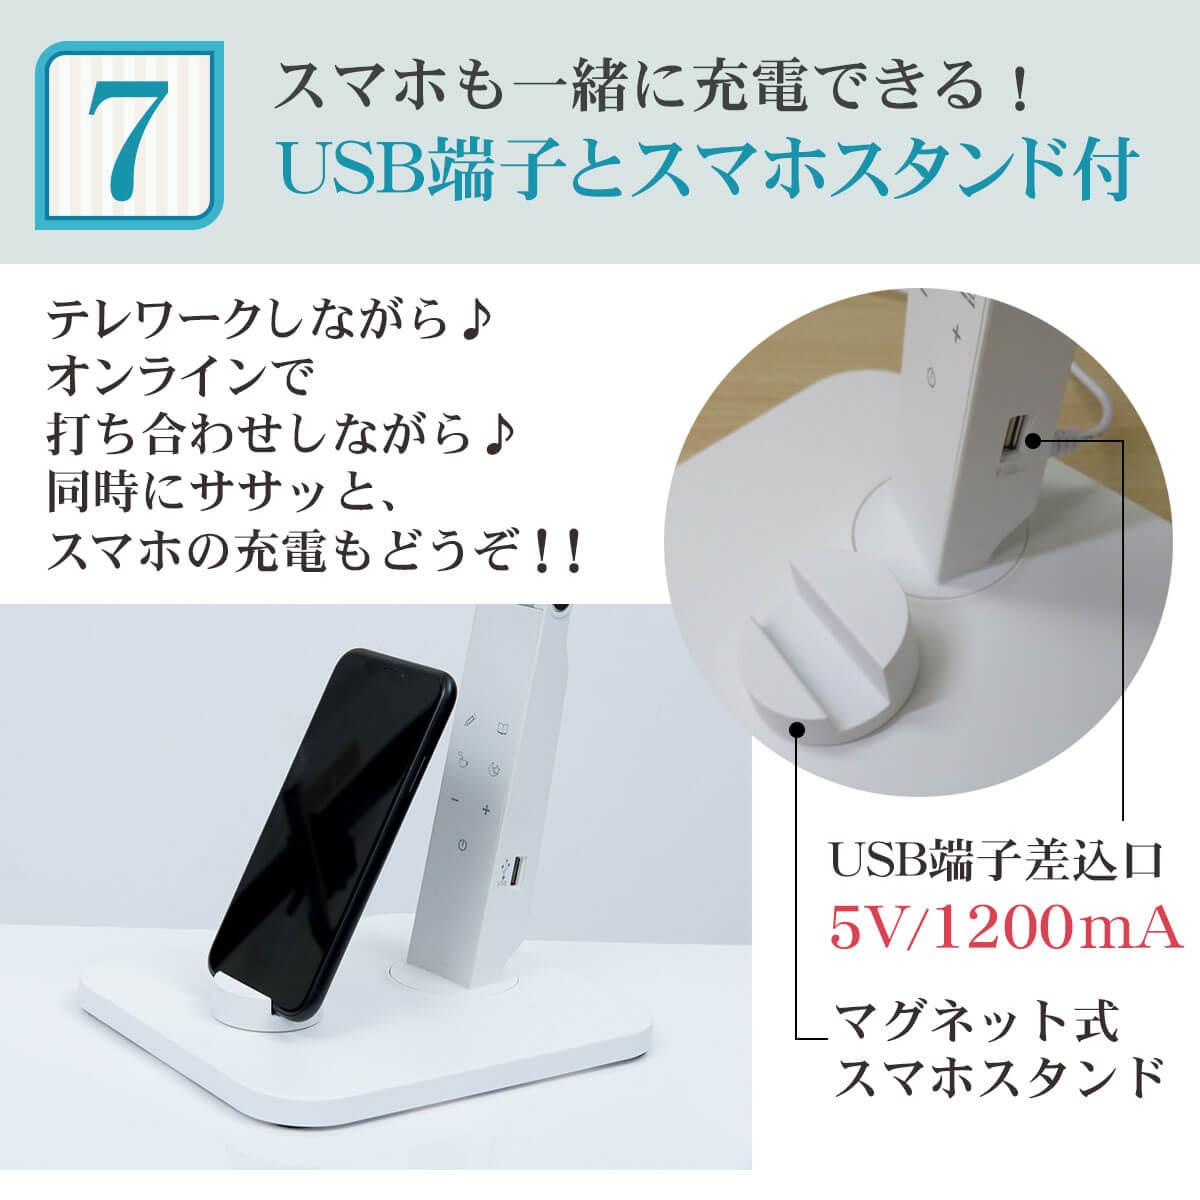 USB端子とスマホスタンド付